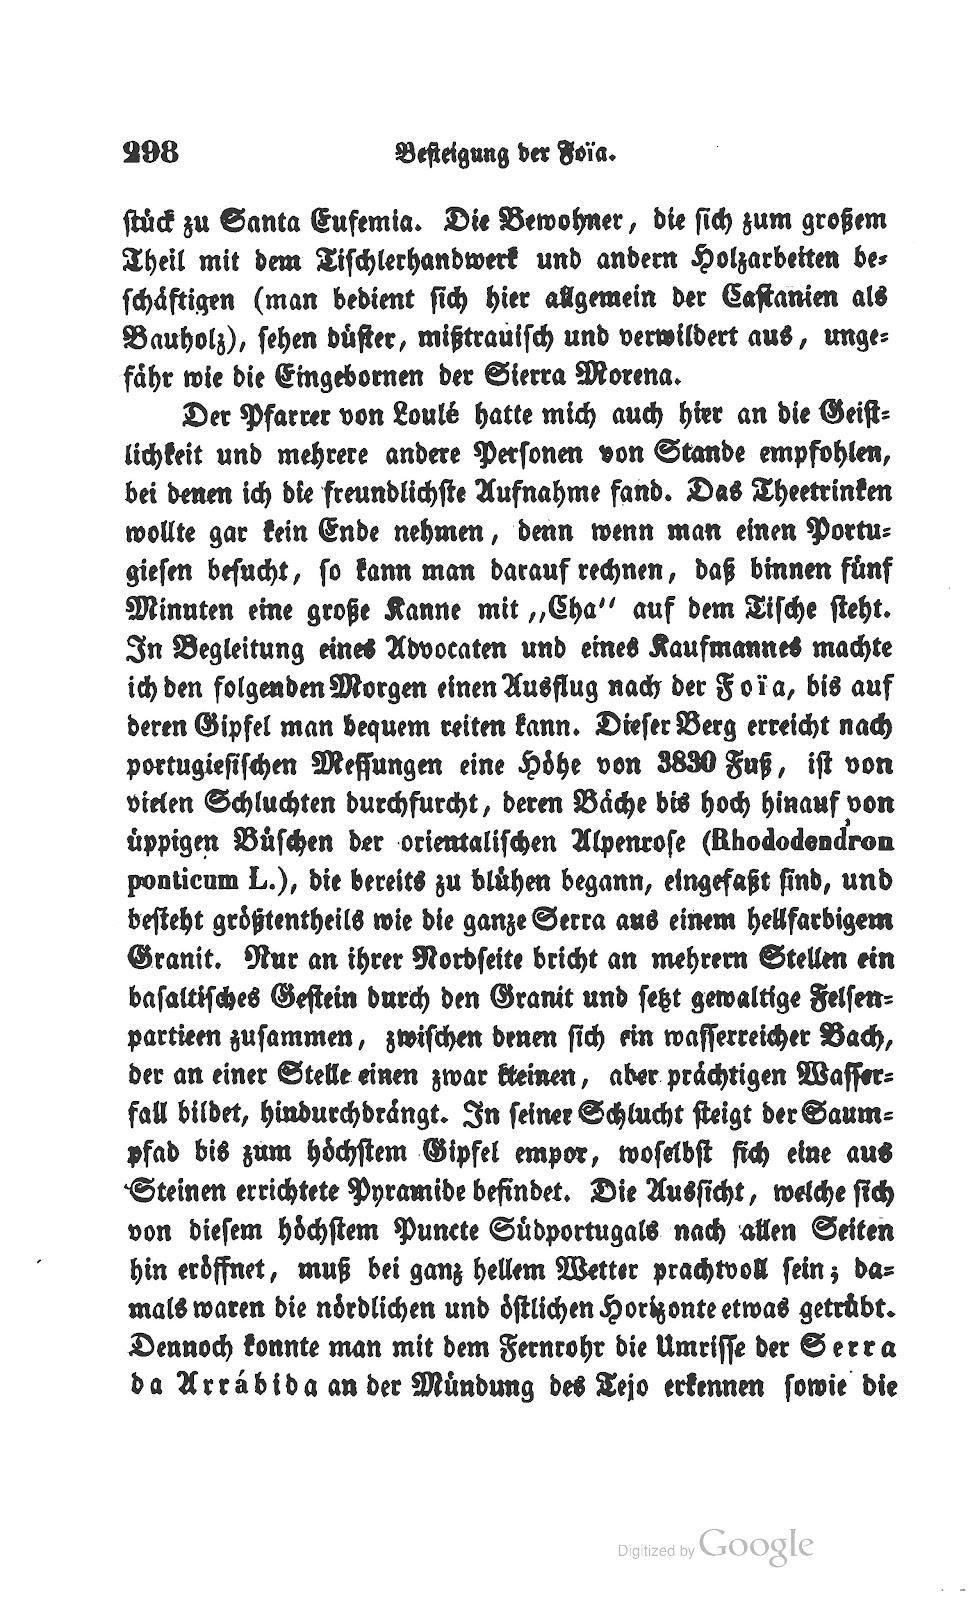 WIllkomm - 10. Kapitel Pages from Zwei_Jahre_in_Spanien_und_Portugal(3)_Page_40.jpg